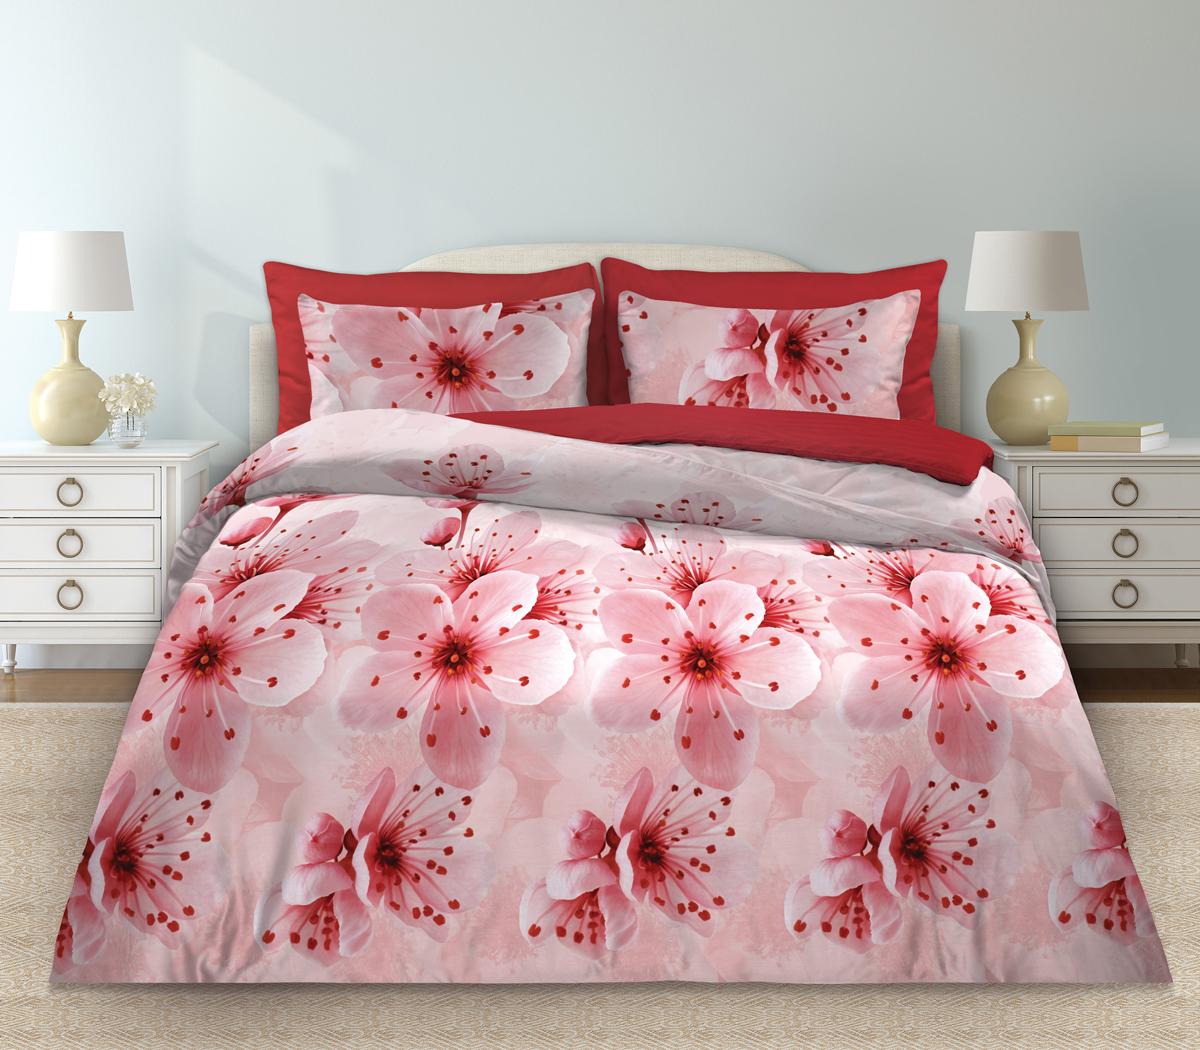 Комплект белья Любимый дом Мелодия, 1,5 спальное, наволочки 70 х 70, цвет: розовый. 331084331084Комплект постельного белья коллекции «Любимый дом» - выполнен из высококачественной ткани из 100% хлопка. Такое белье абсолютно натуральное, гипоаллергенное, соответствует строжайшим экологическим нормам безопасности, комфортное, дышащее, не нарушает естественные процессы терморегуляции, прочное, не линяет, не деформируется и не теряет своих красок даже после многочисленных стирок, а также отличается хорошей износостойкостью.